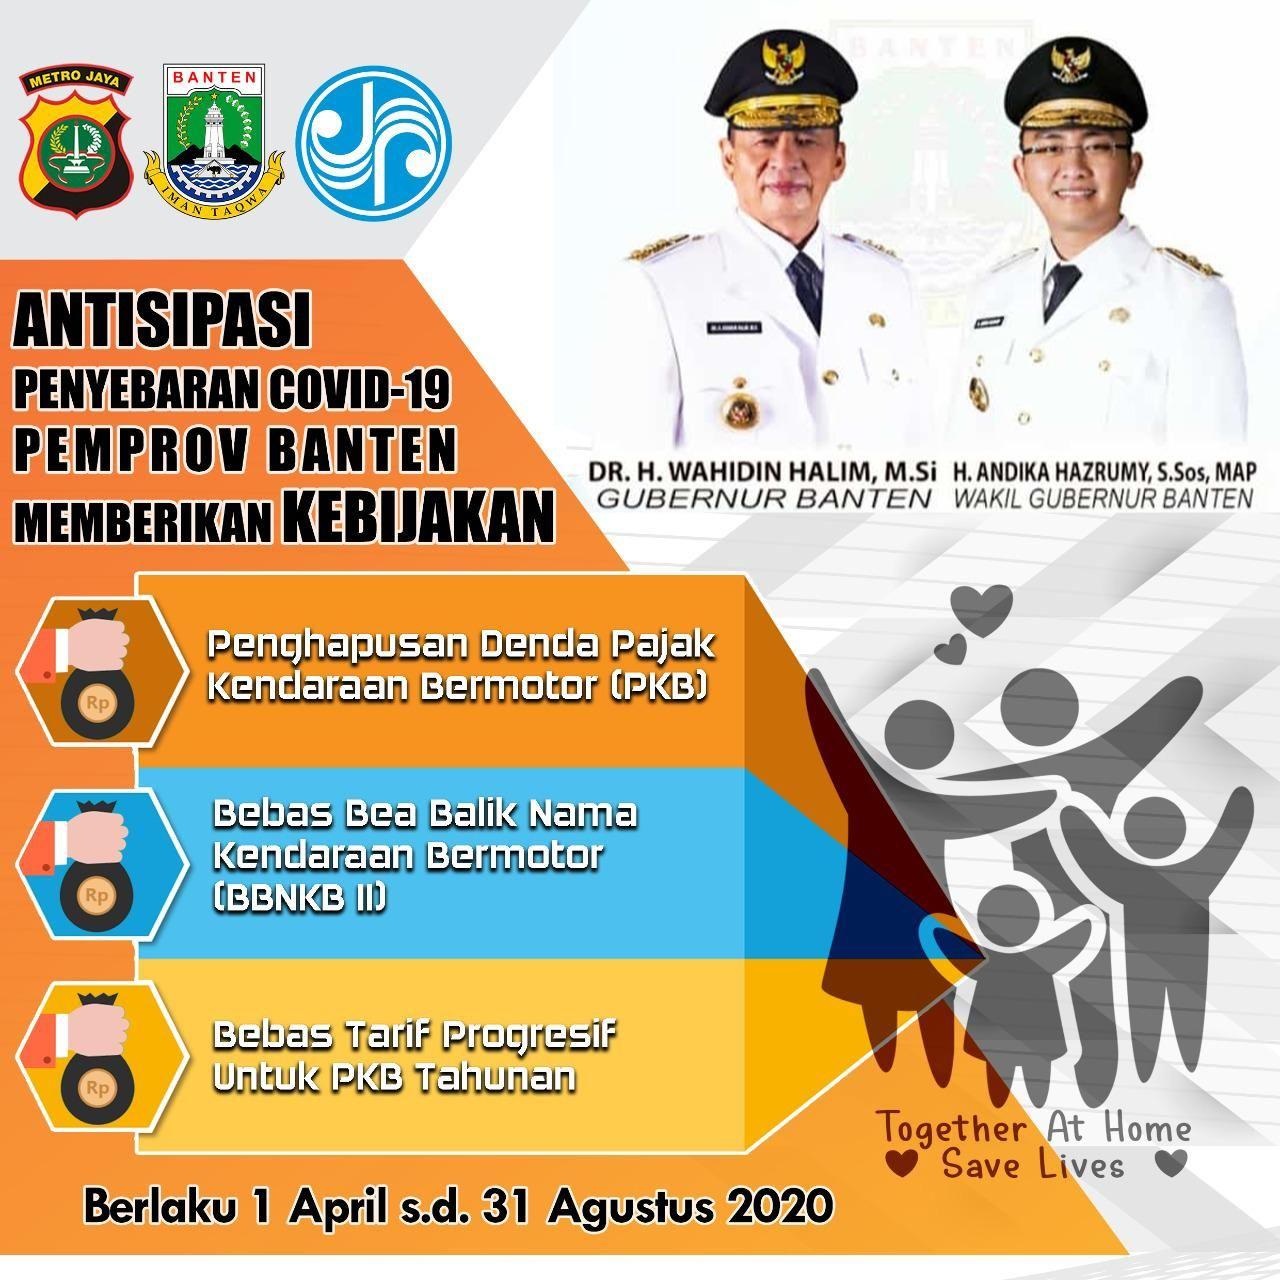 Pemutihan pajak kendaraan di Banten akibat pandemi corona